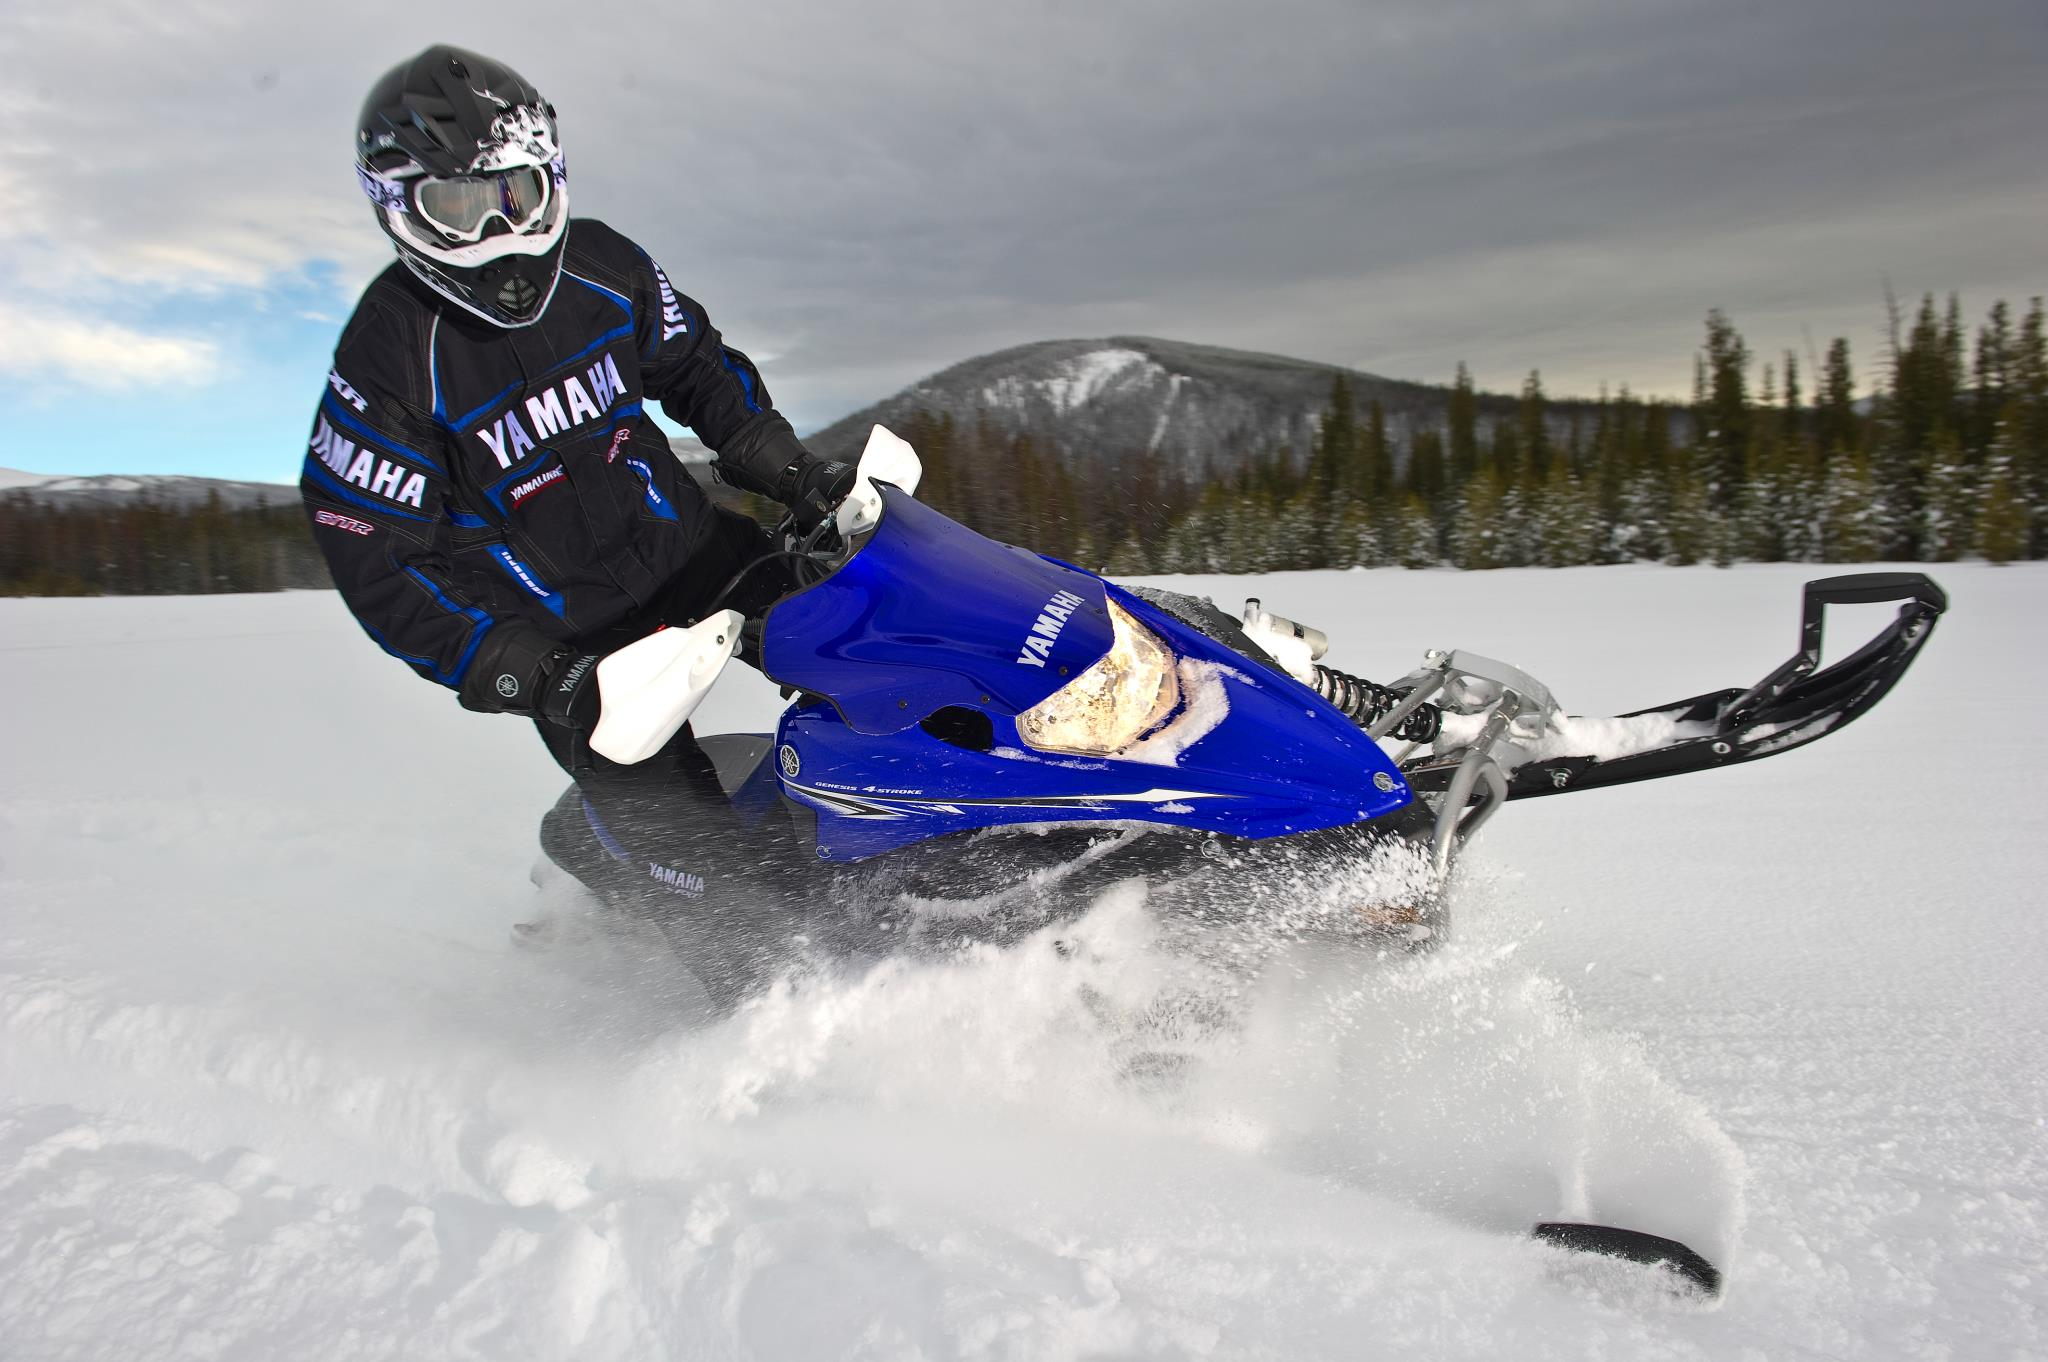 Yamaha nytro snowmobile winter sled snow f wallpaper for Yamaha snow mobiles